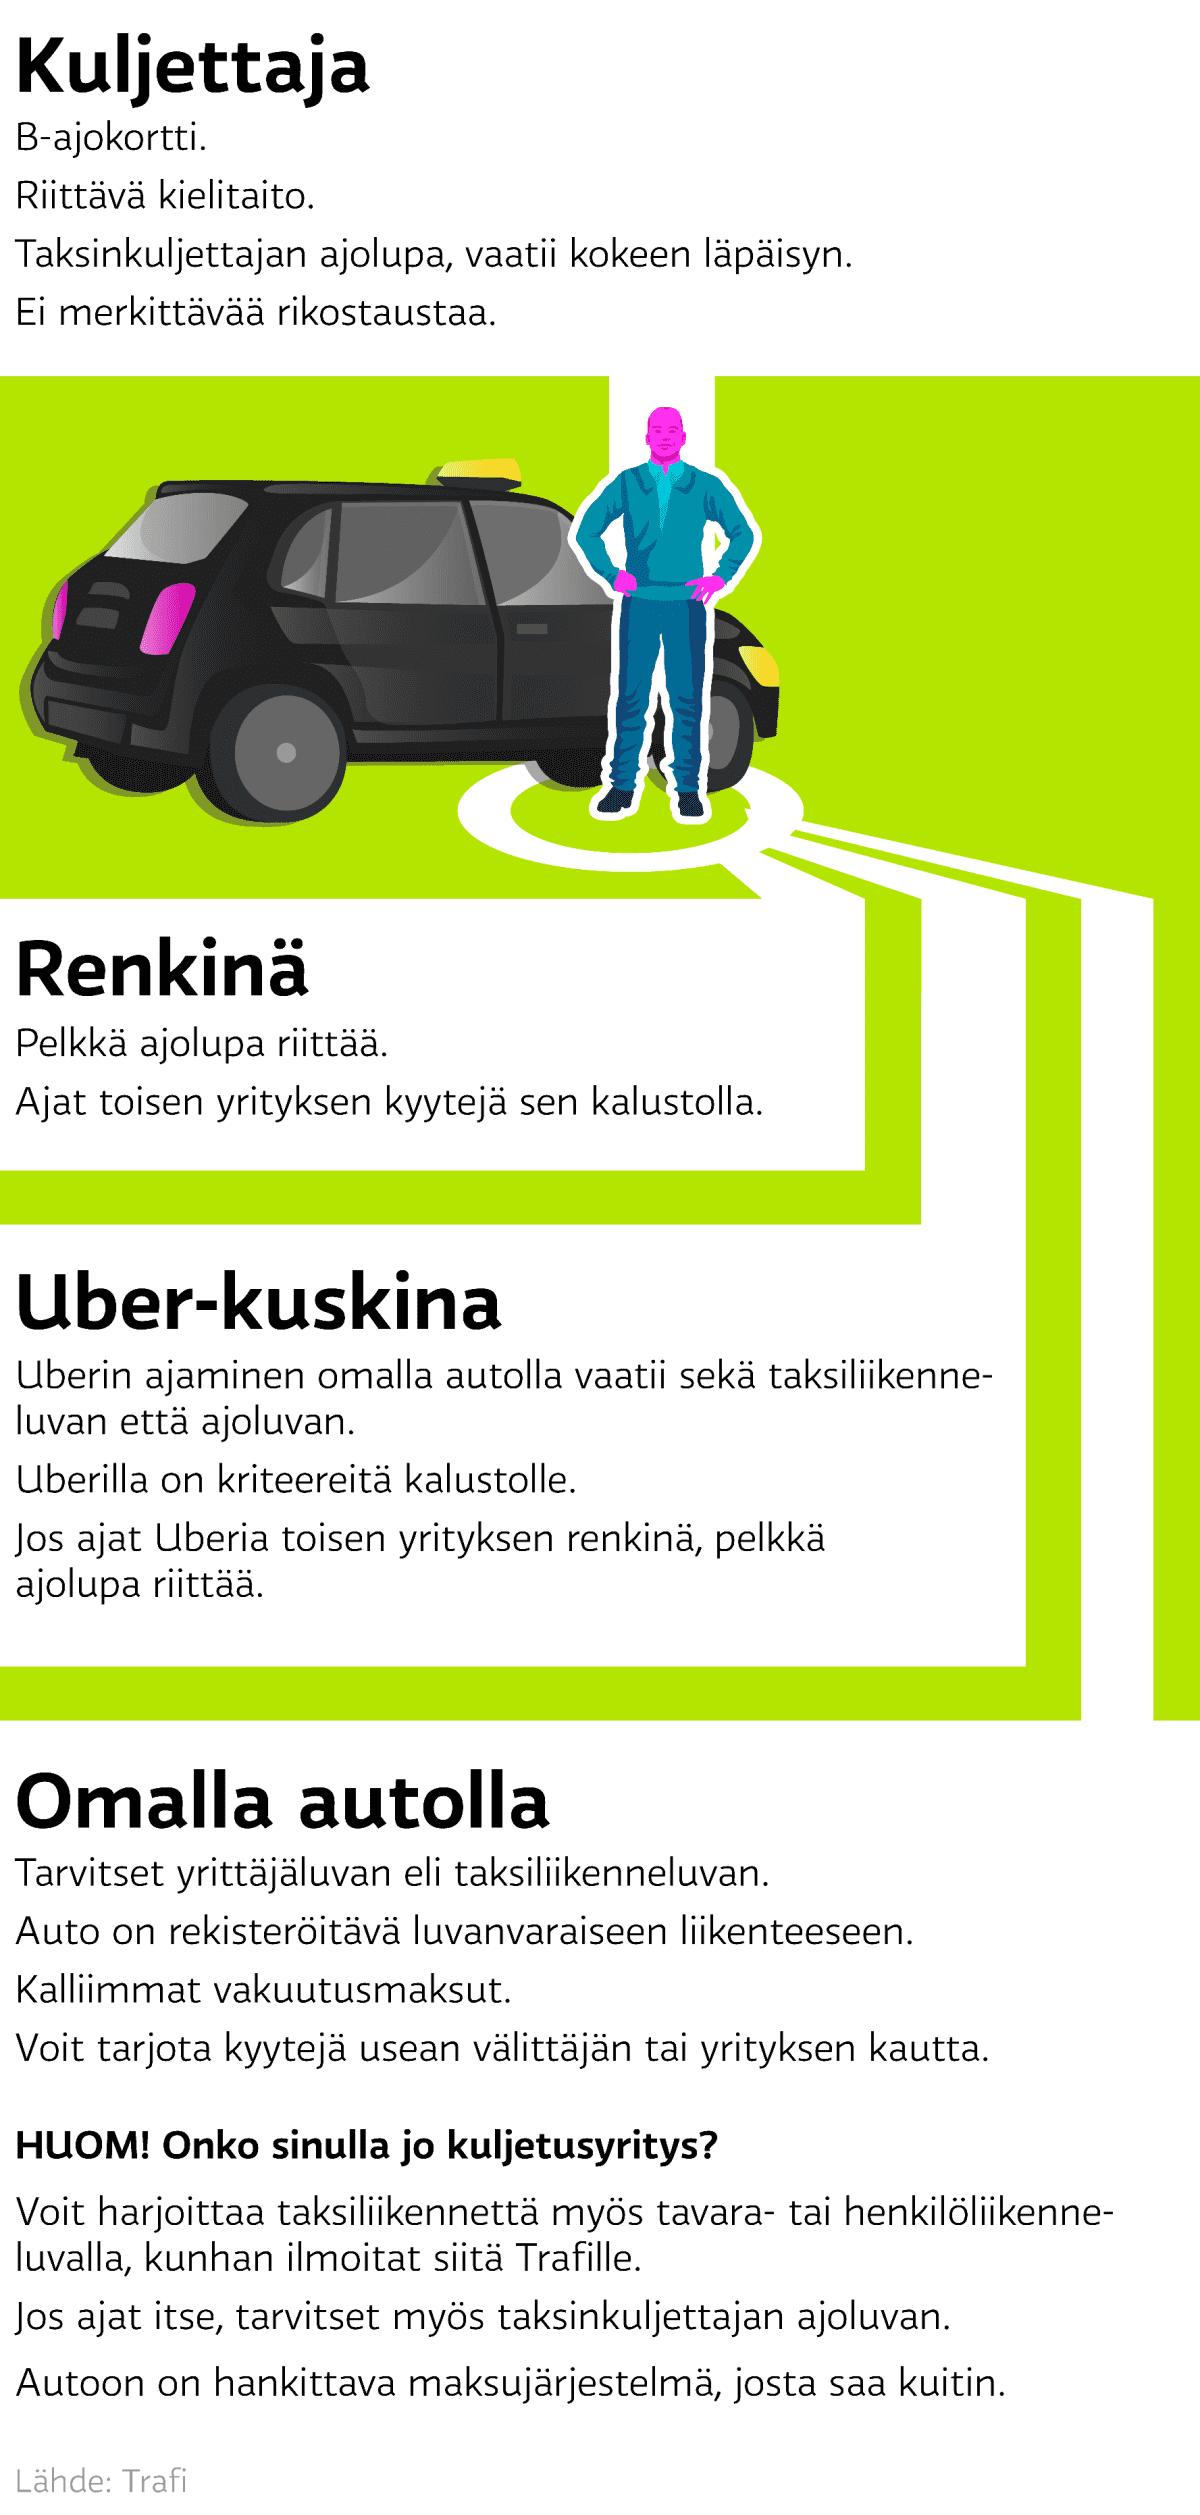 Grafiikka jossa kerrotaan taksikuskin kolme vaihtoehtoa